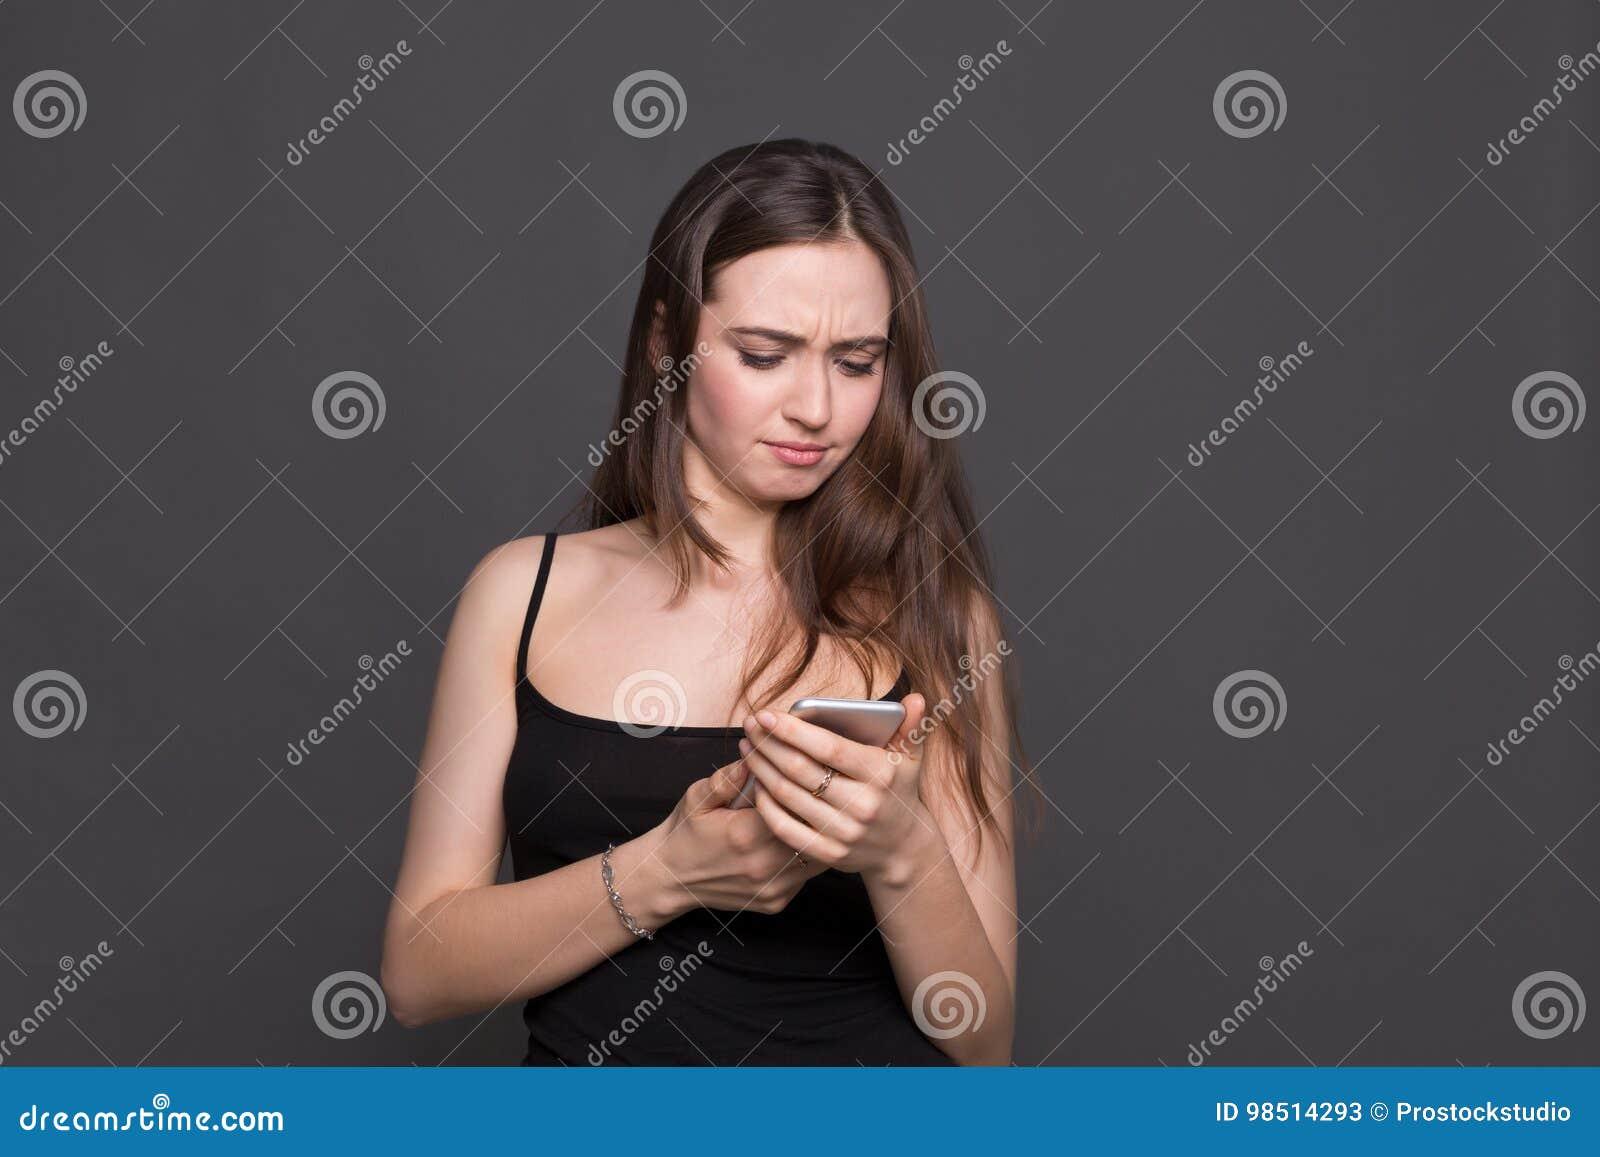 Unglückliche junge Frau, die Smartphoneporträt verwendet